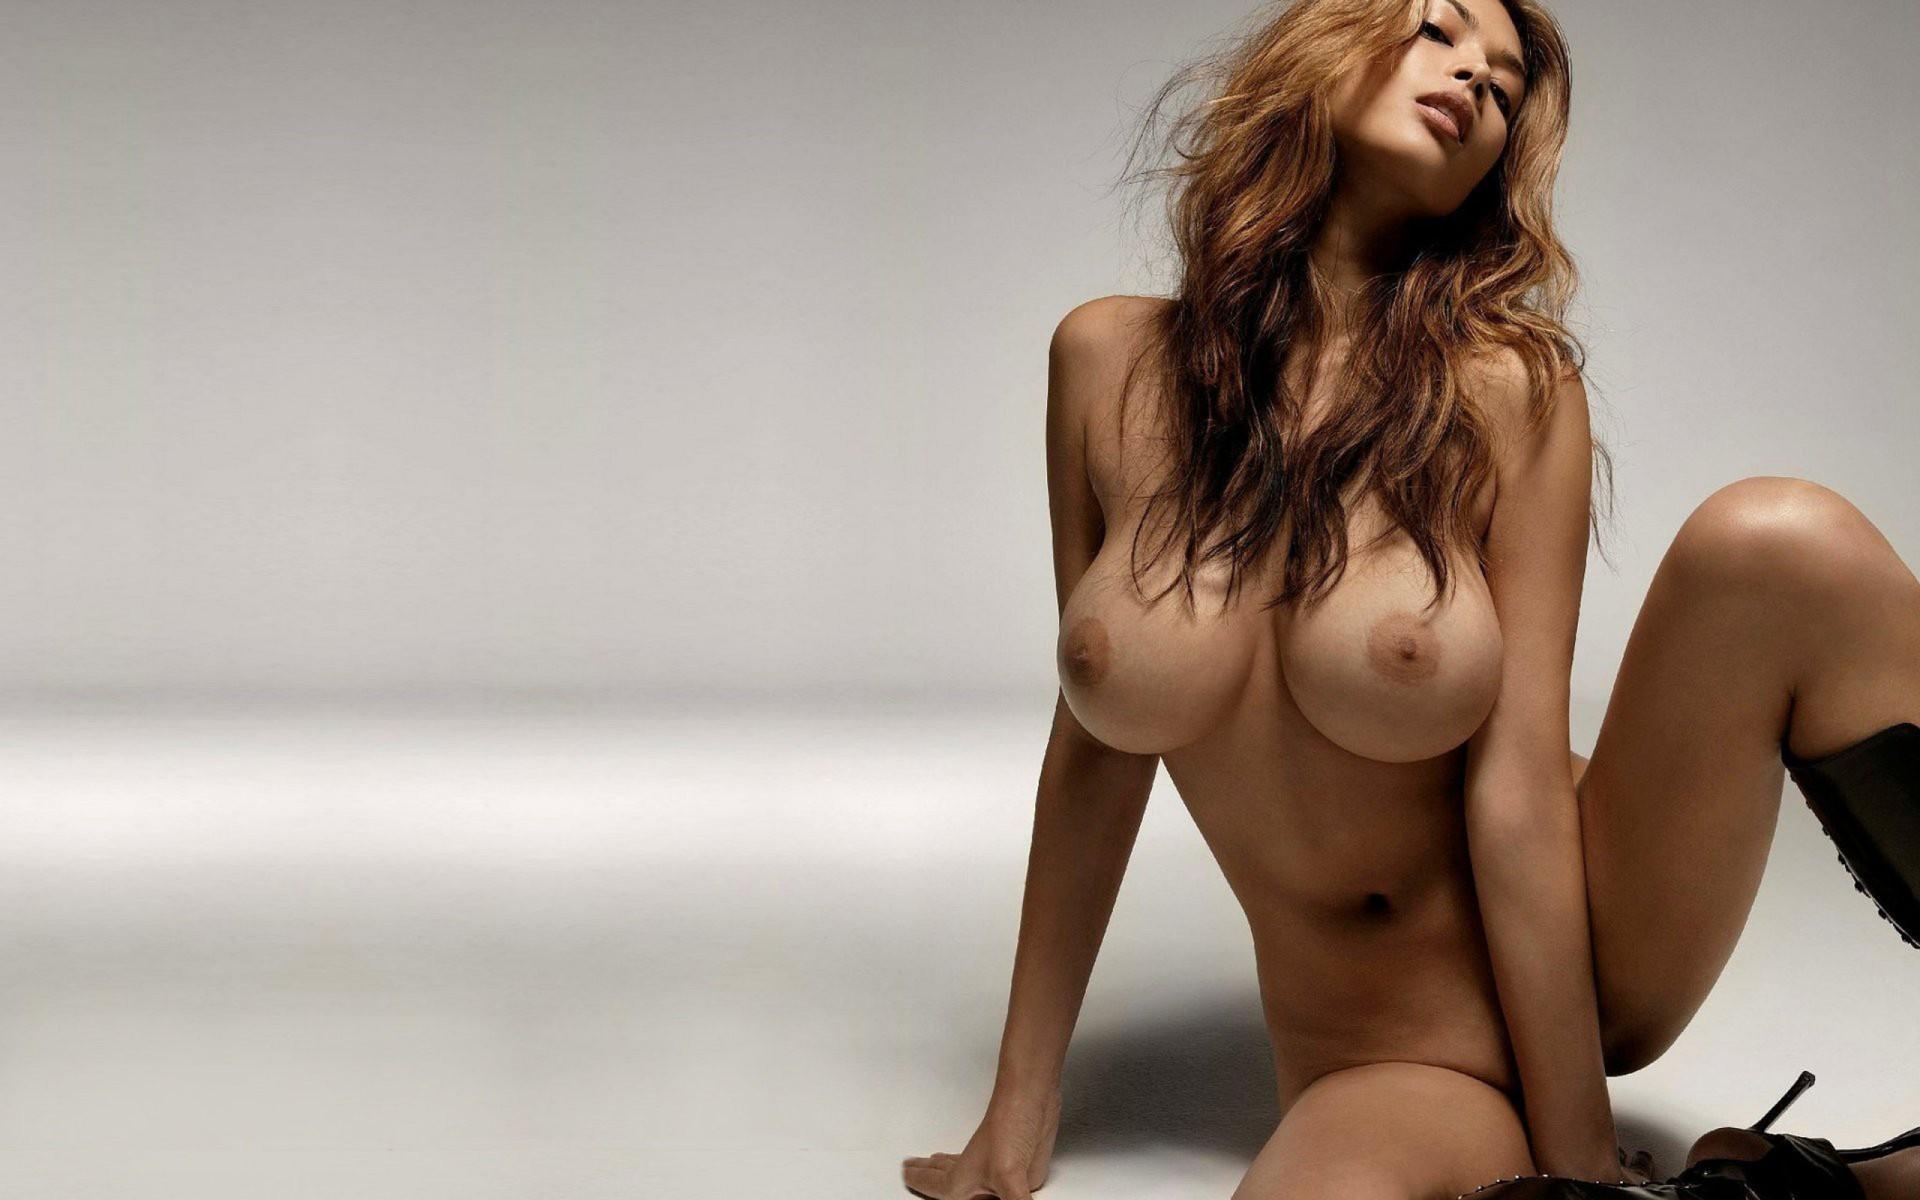 соски большие галереи очень красивых голых девушек несколько лет уже